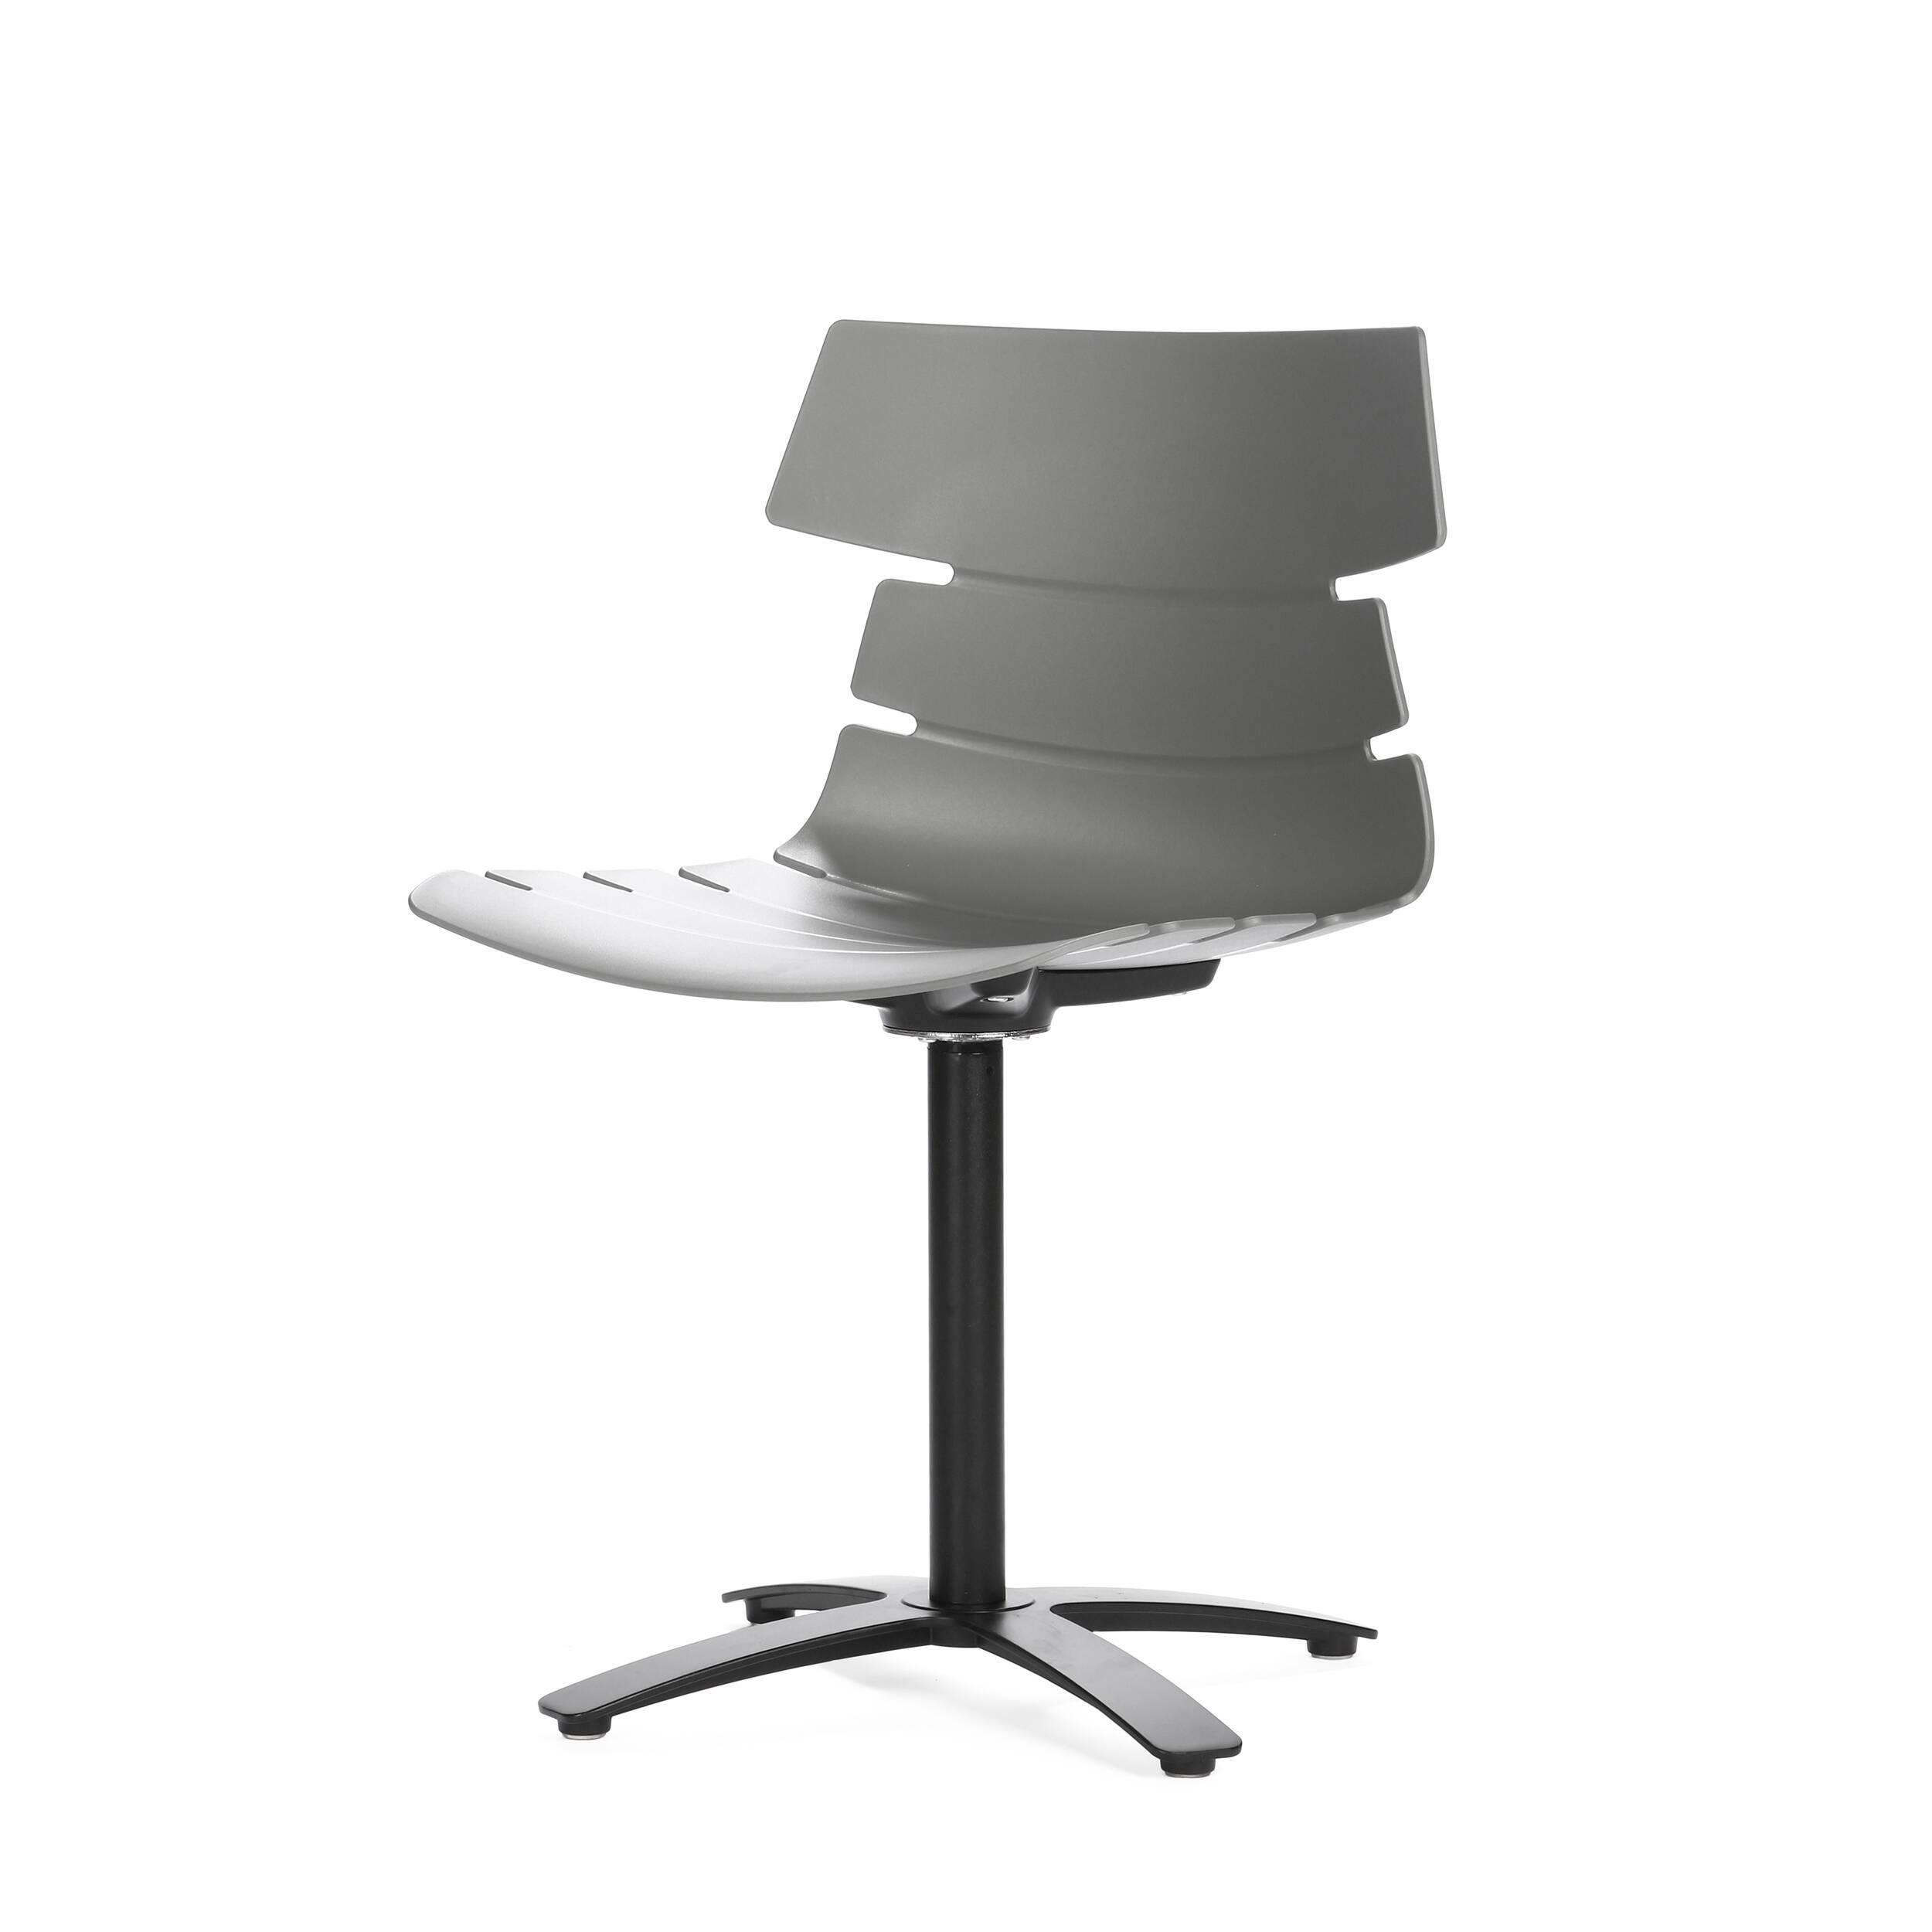 Стул TechnoИнтерьерные<br>Дизайнерский серый вращающийся стул Techno (Техно) из полипропилена на одной ножке от Cosmo (Космо).<br>Стул Techno — это своего рода интерпретация многофункциональных стульев-раковин. Однако дизайнер ушел от прямого сходства с морской фауной и оставил лишь часть оригинальной задумки, чтобы в конечном виде изделие подходило под большее количество интерьеров.<br> <br> Стул Techno можно расположить за барной стойкой или столешницей в стиле хай-тек или техно. Сделанный из металла и полиуретана оригина...<br><br>stock: 6<br>Высота: 83<br>Высота спинки: 45<br>Ширина: 51<br>Глубина: 51<br>Цвет ножек: Черный<br>Механизмы: Поворотная функция<br>Цвет сидения: Серый<br>Тип материала сидения: Полипропилен<br>Тип материала ножек: Сталь